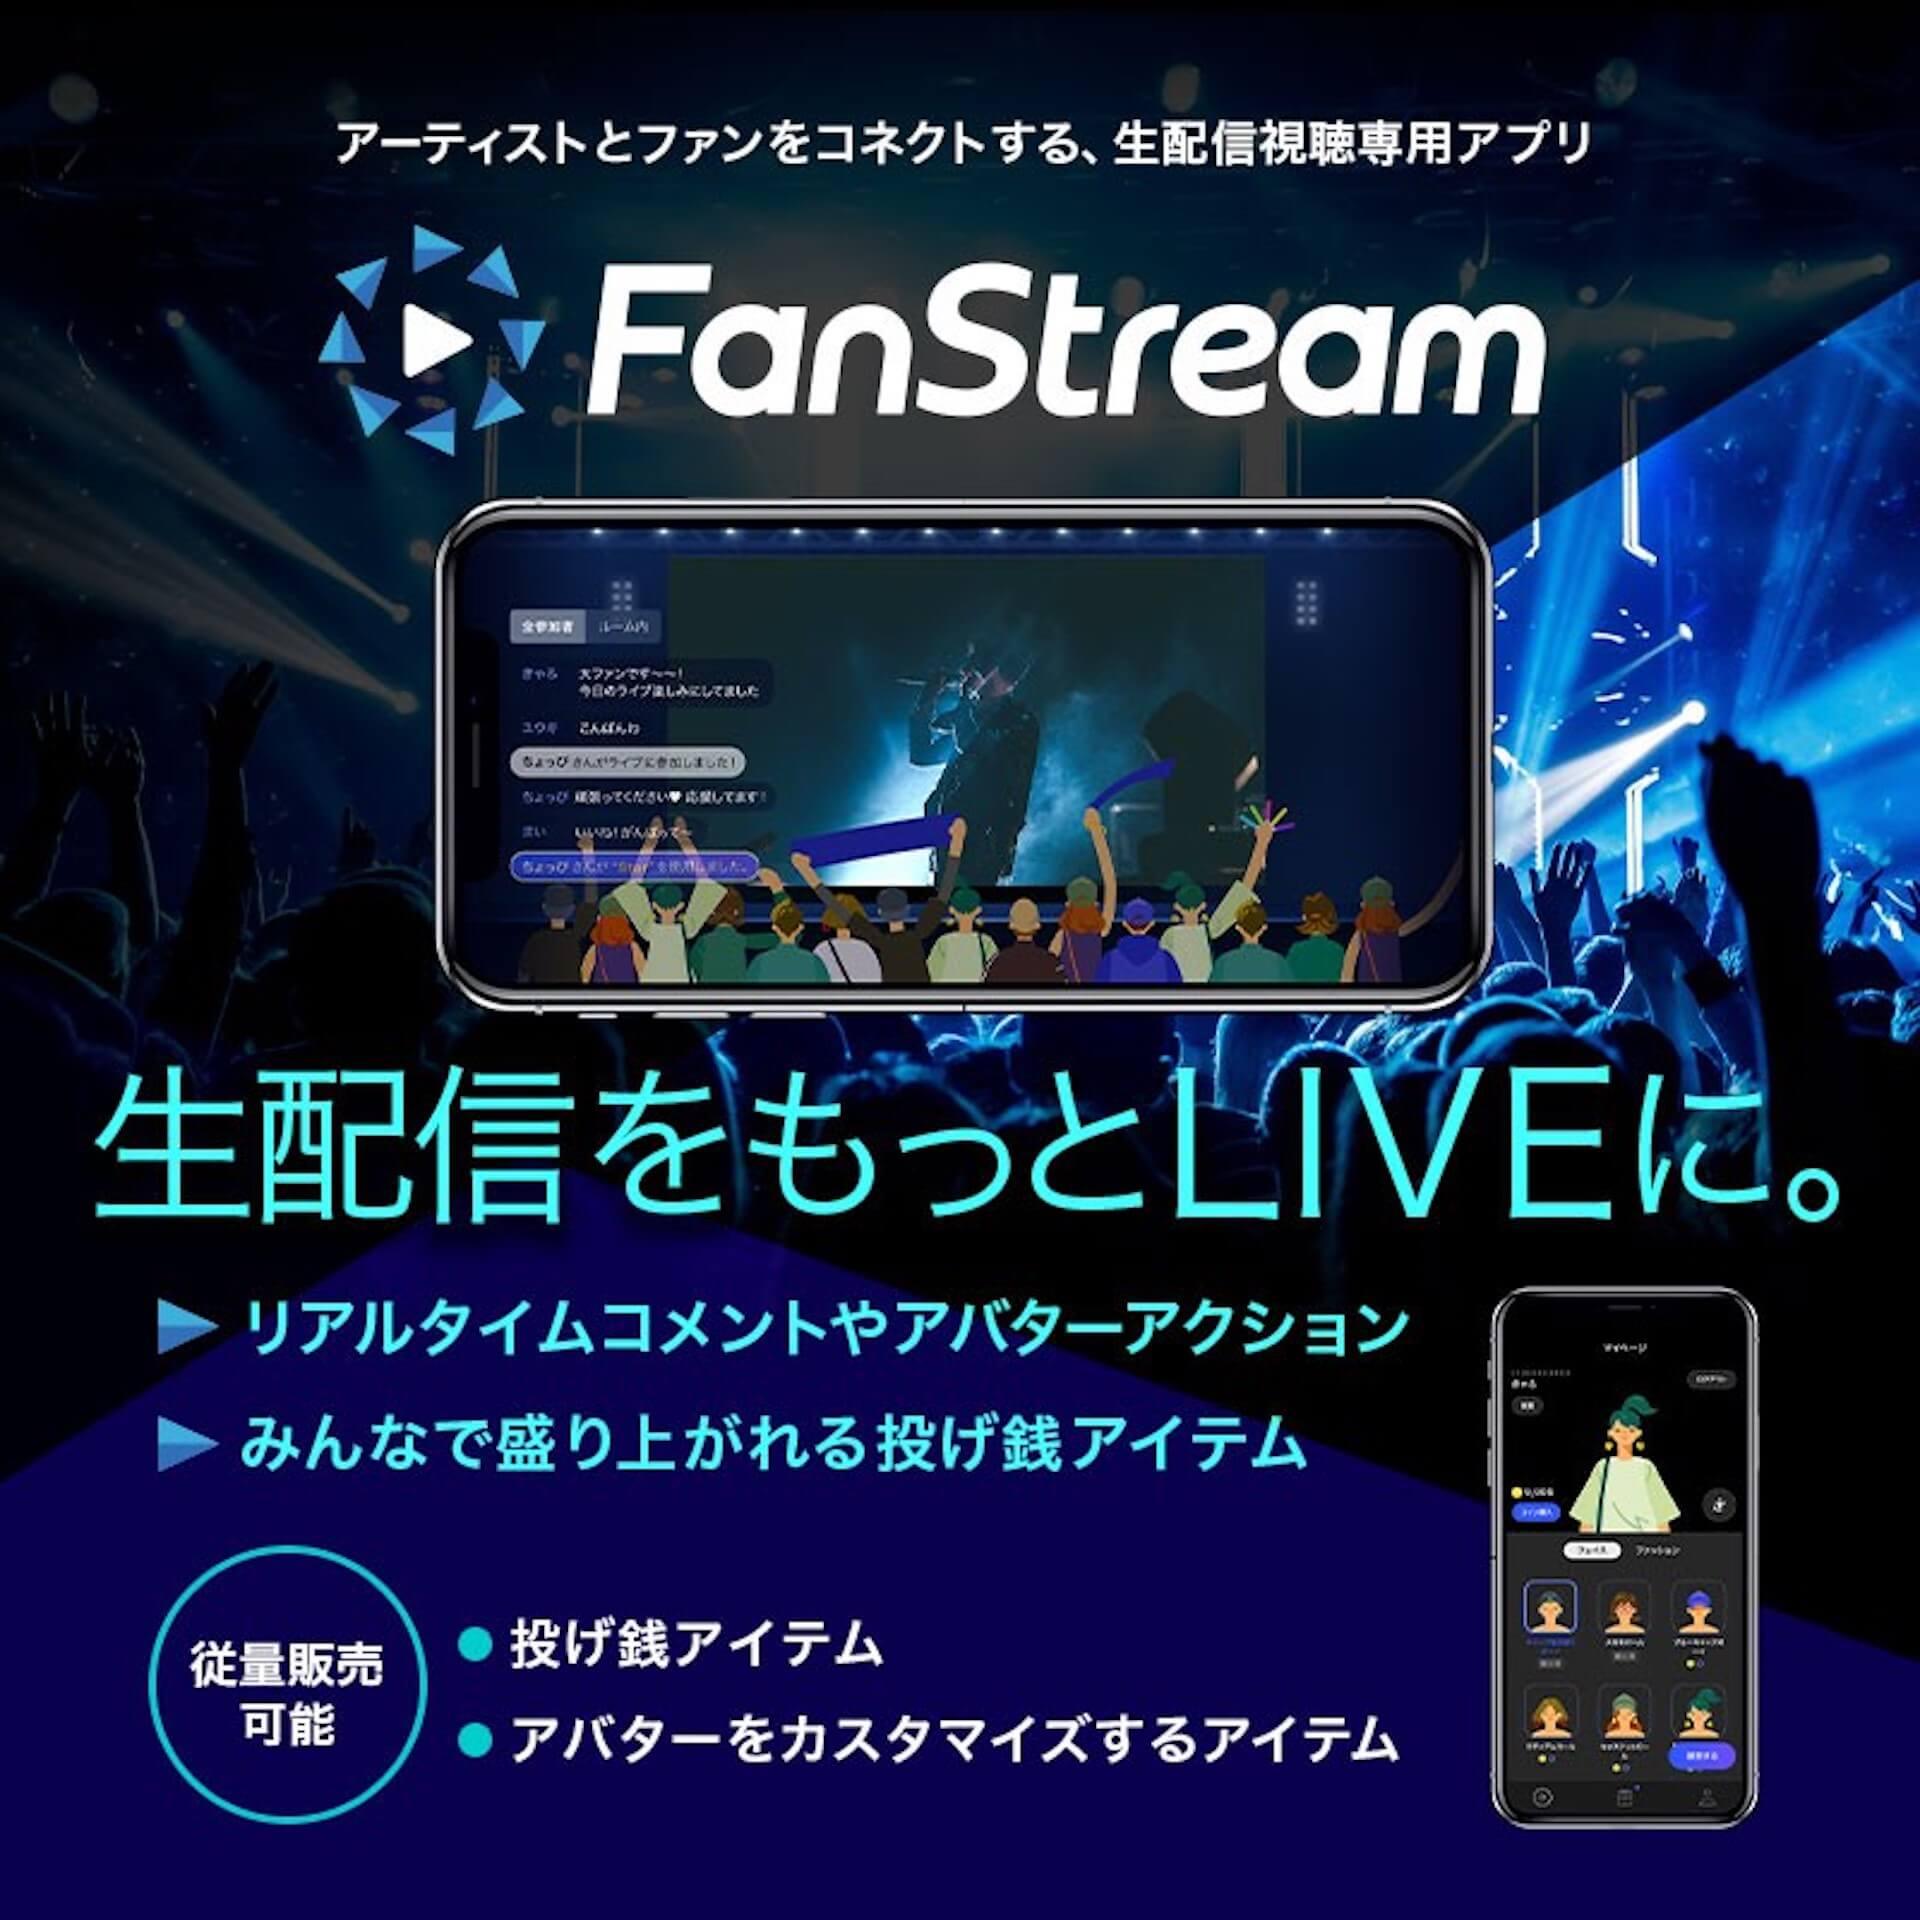 矢沢永吉初のライブ映像配信プロジェクト「3 BODY'S NIGHT」が始動!未発売のライブ映像3作が配信 music200617_yazawa_2